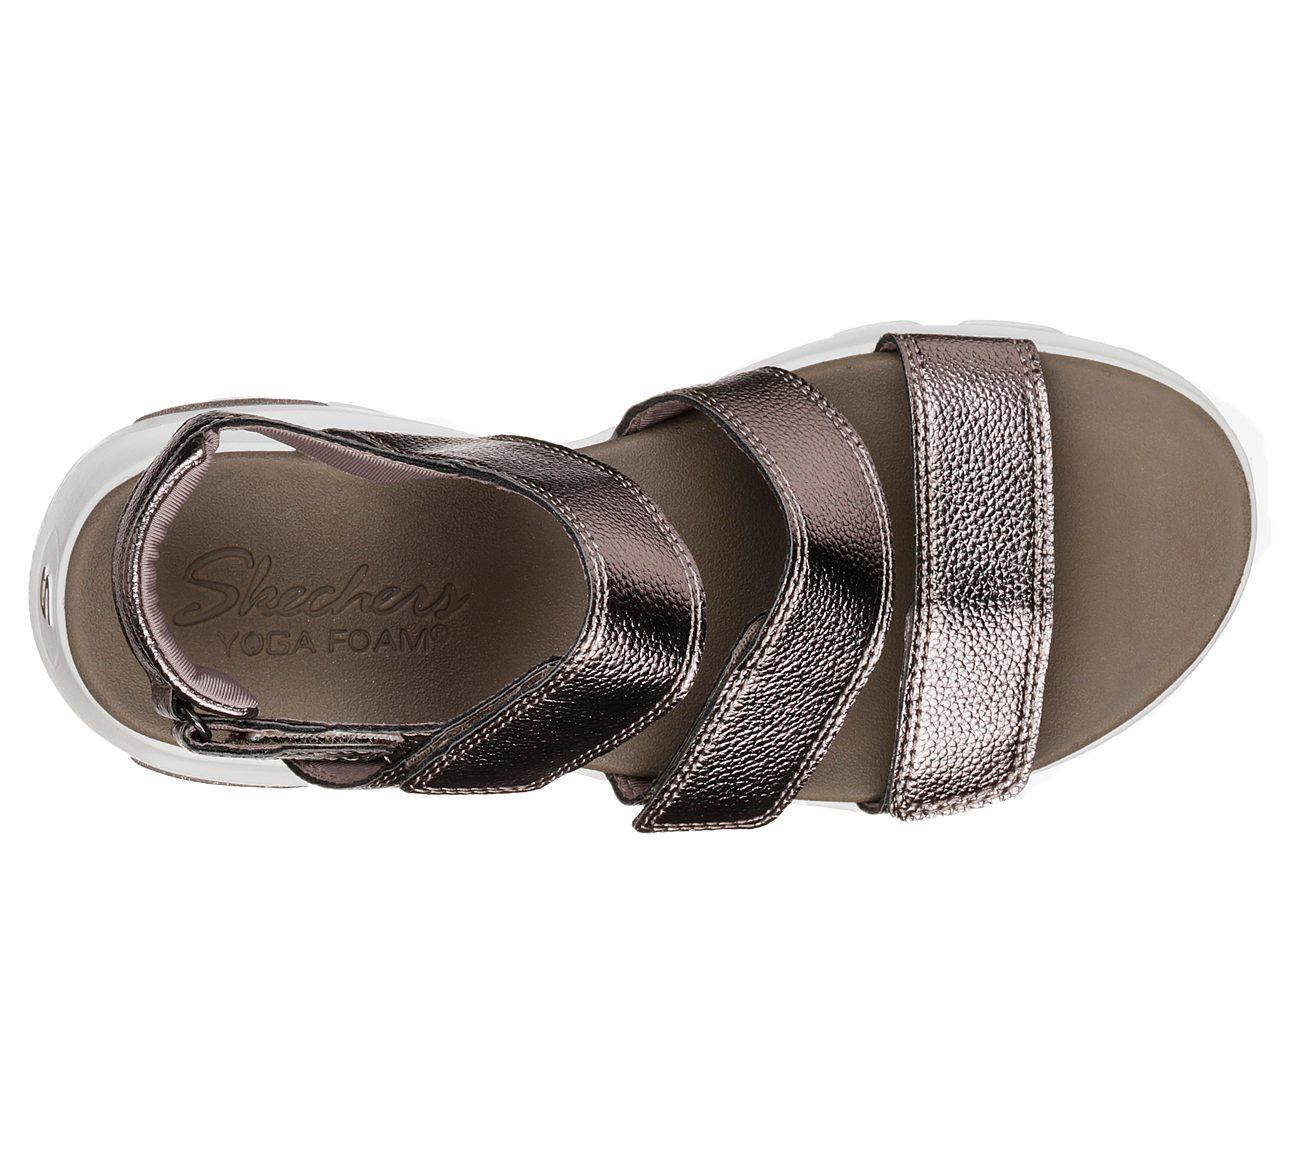 Skechers D'Lıtes Ultra - Fab Lıfe Bayan Ayakkabısı